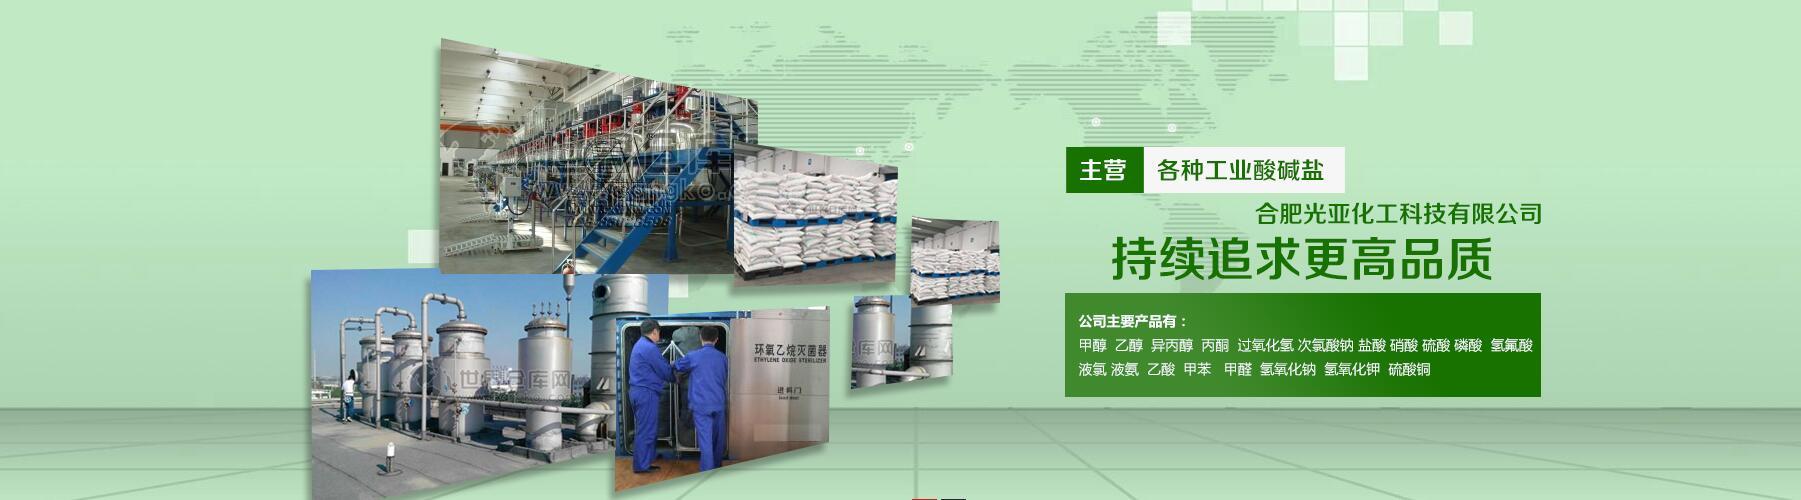 合肥光亚化工科技有限公司